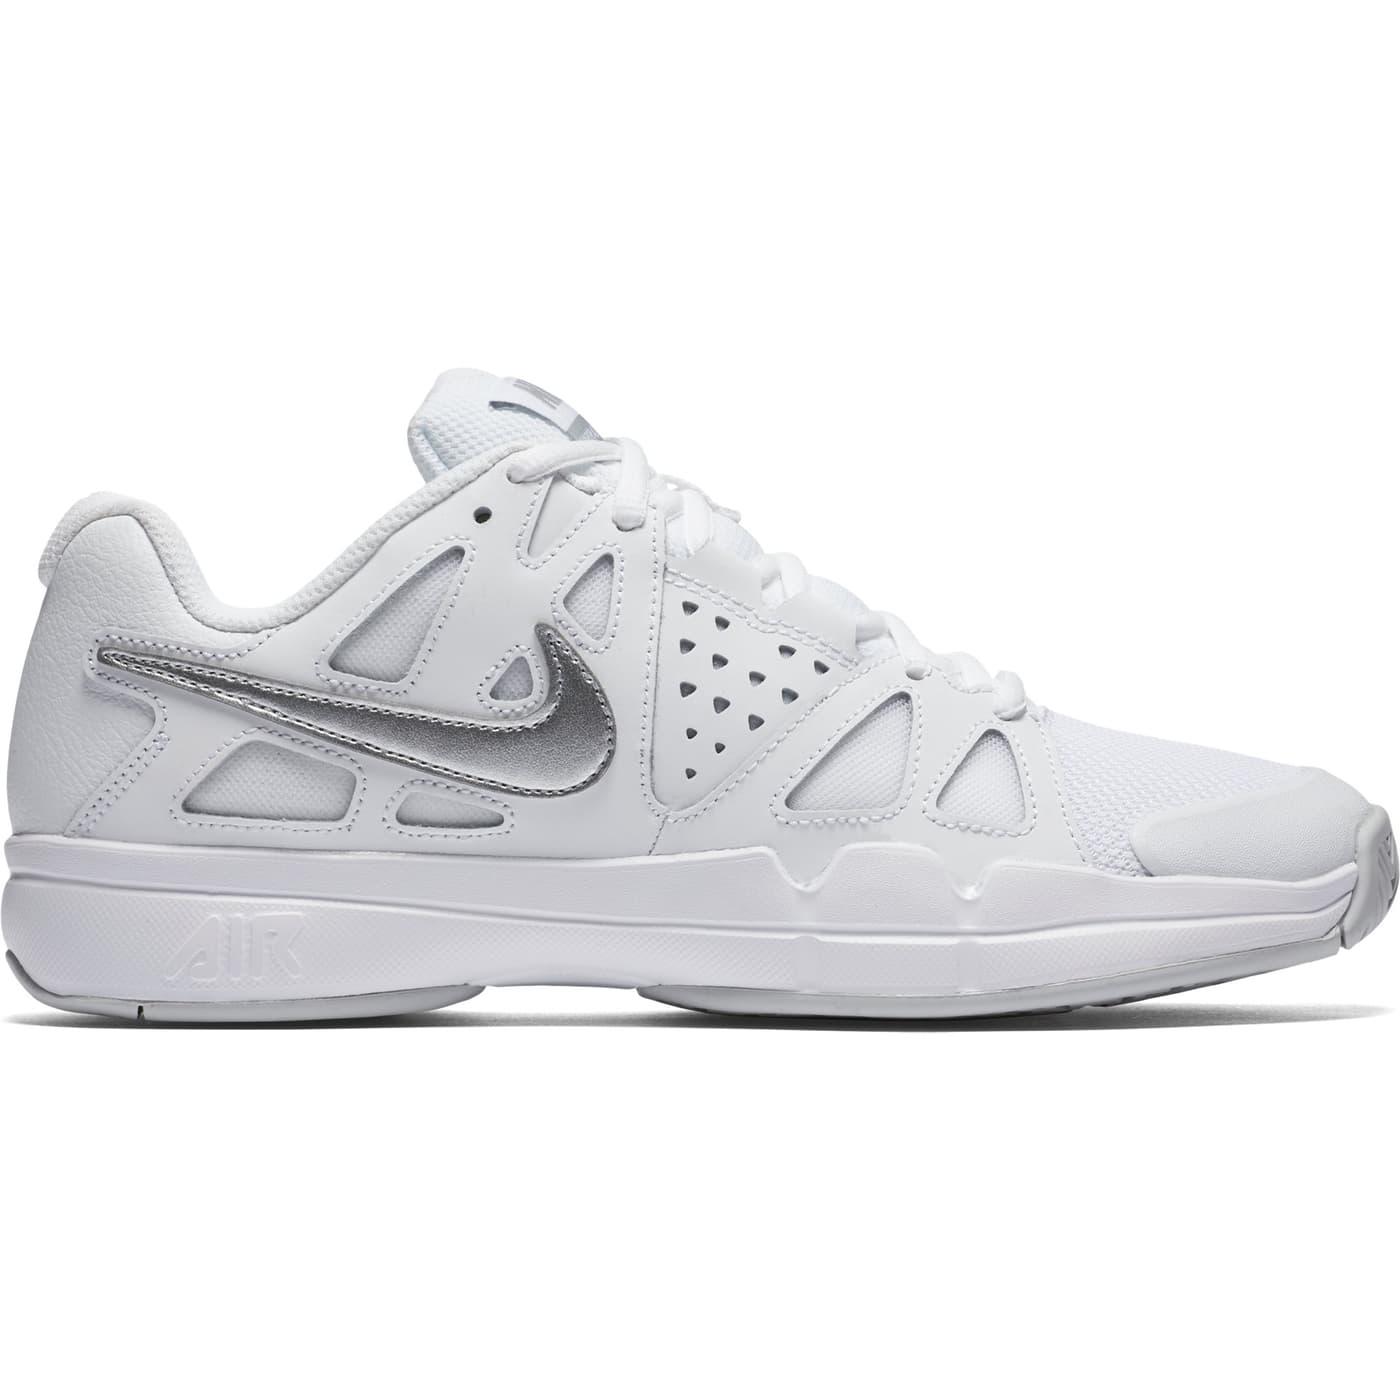 new style 0c30b 2dcda Nike Air Vapor Advantage Chaussures de tennis pour femme | Migros